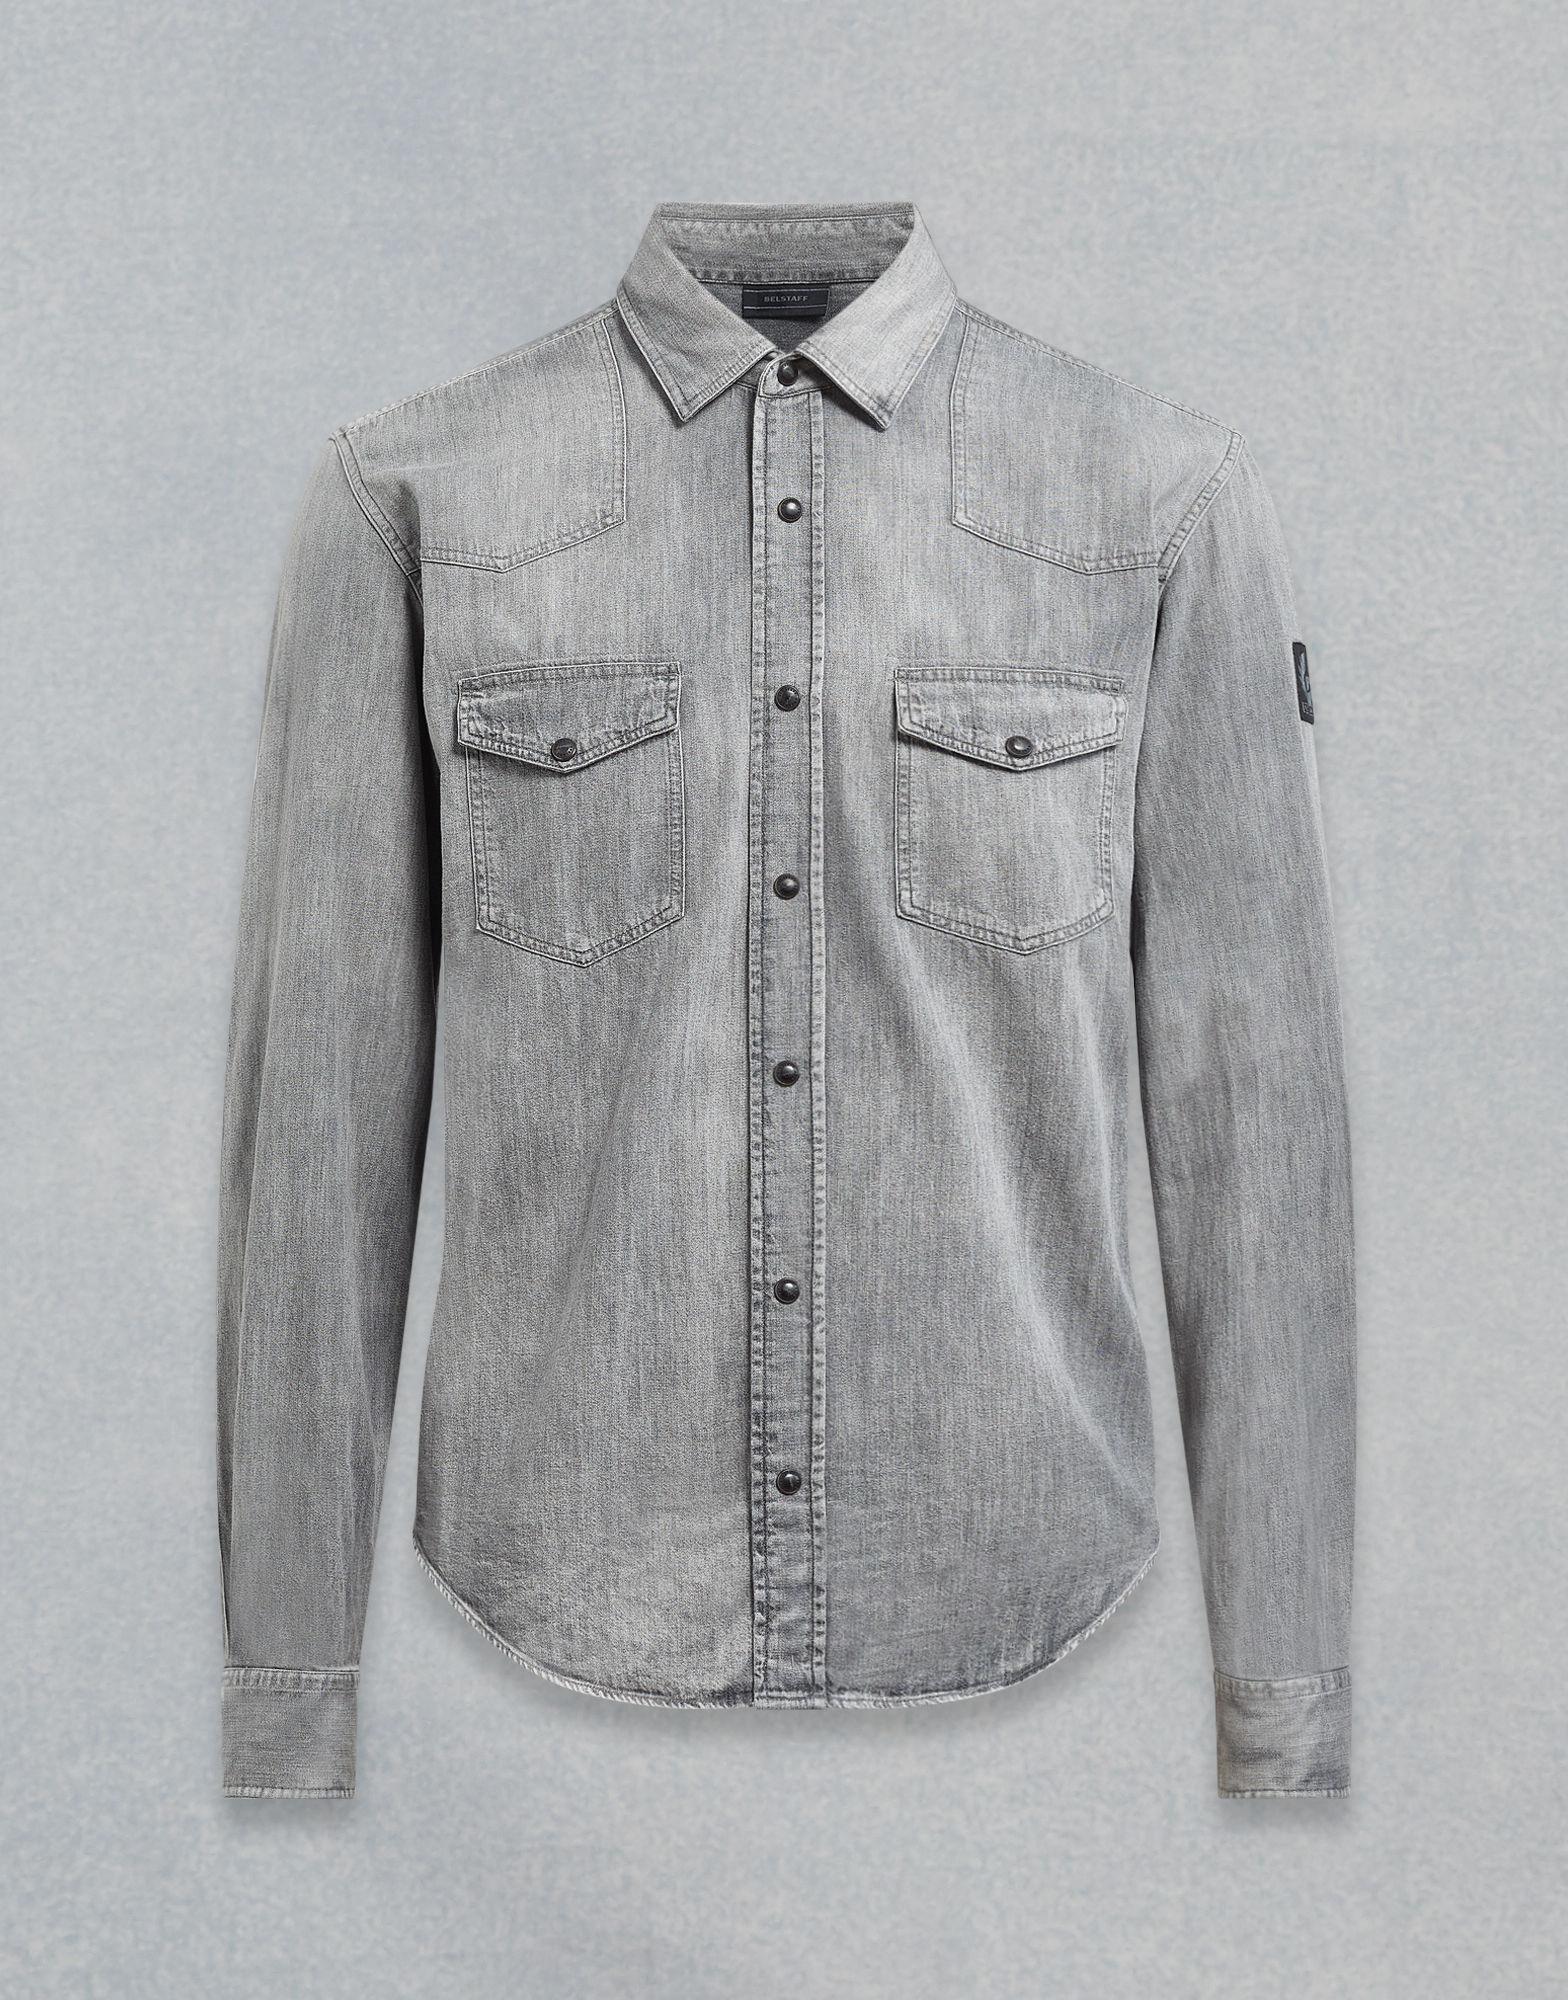 8242974cd47 Belstaff Somerford Shirt in Gray for Men - Lyst